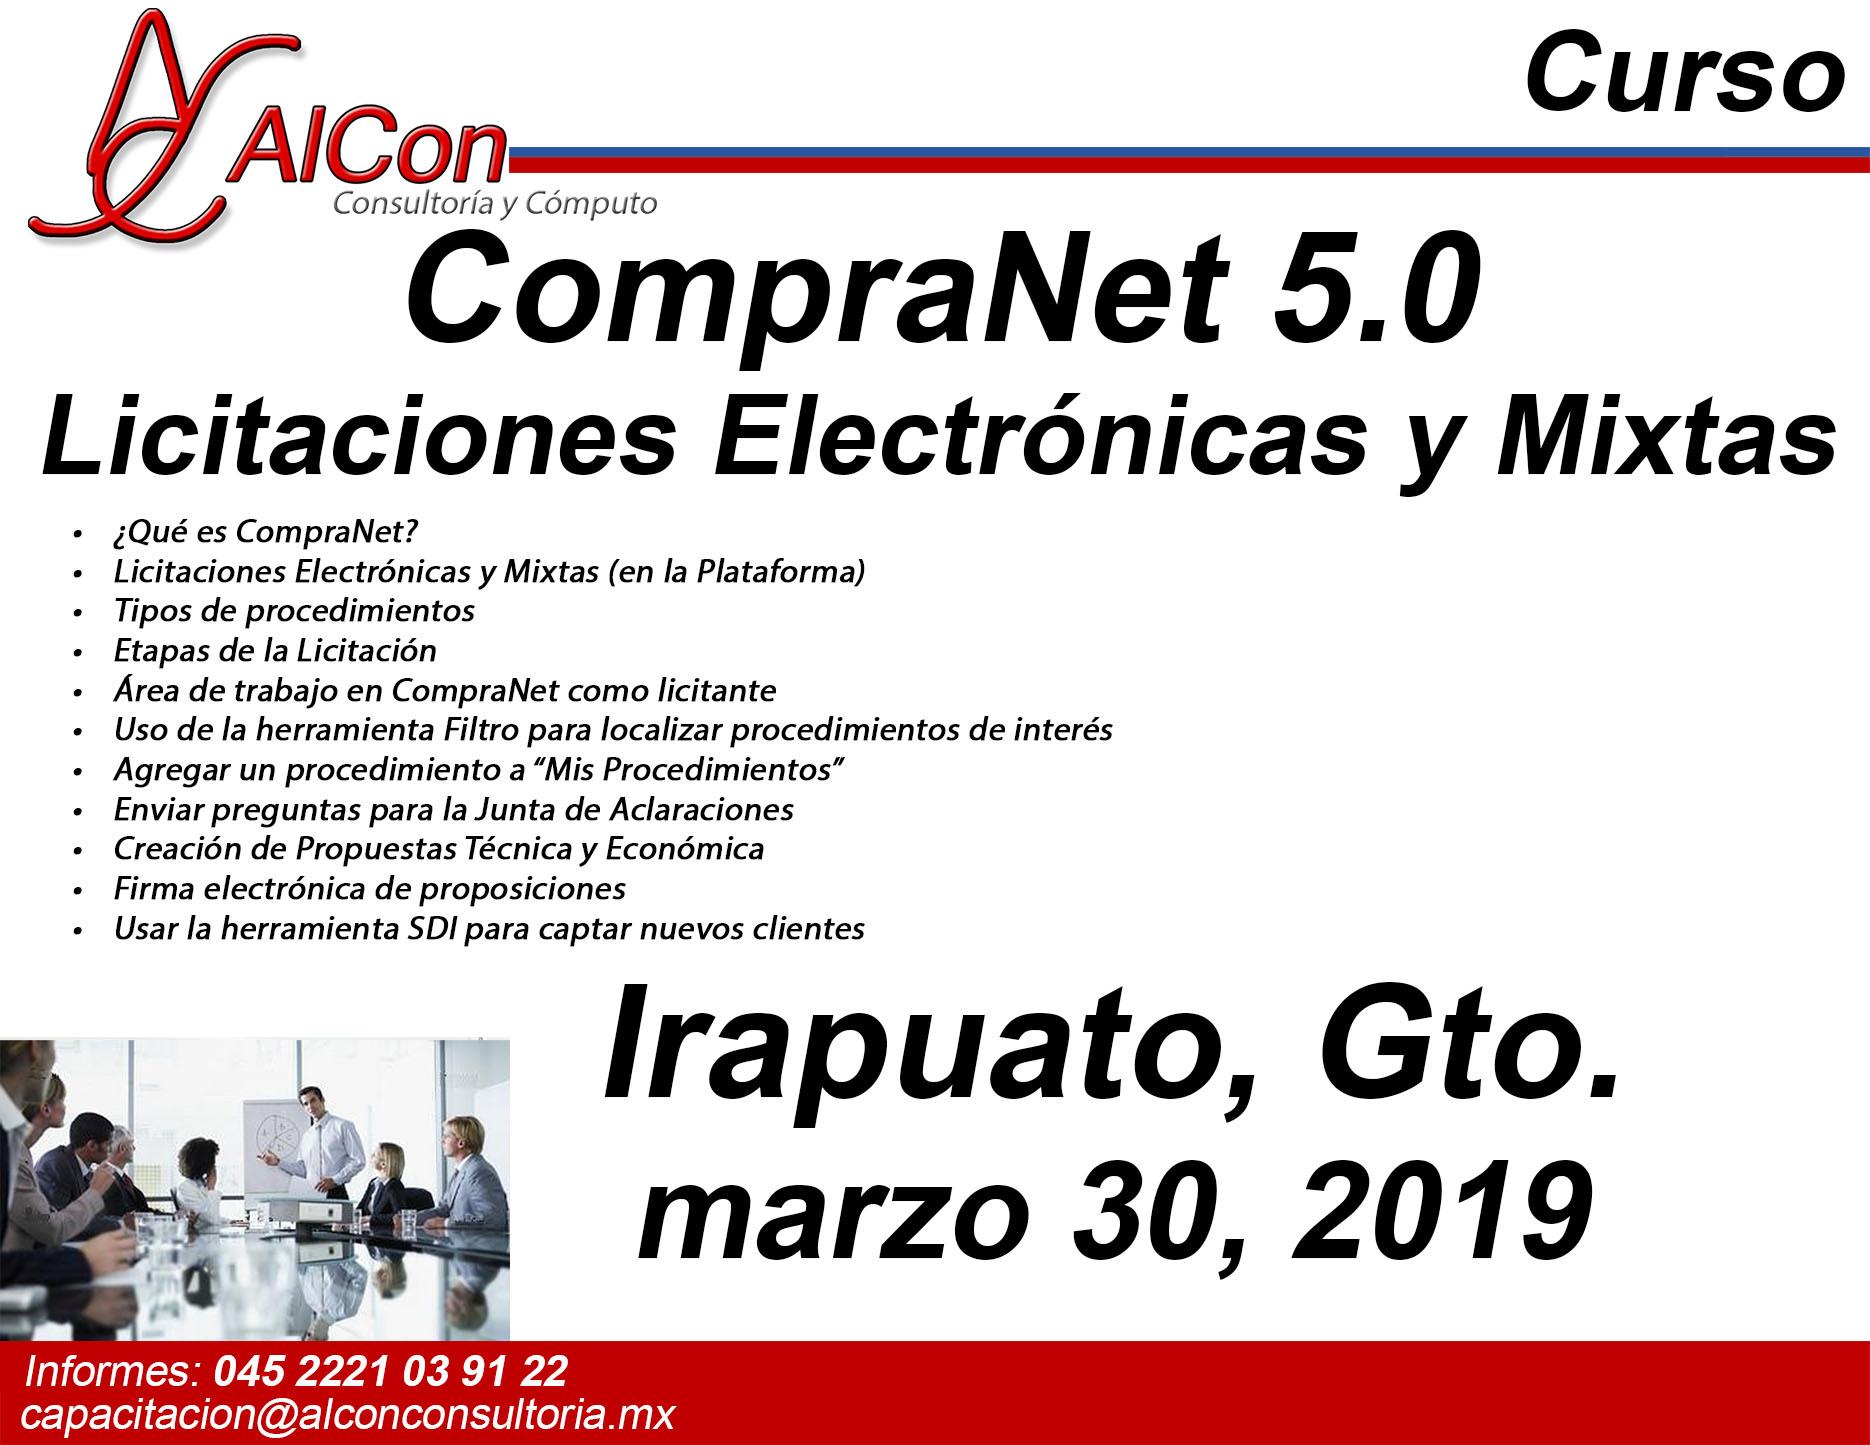 Curso CompraNet 5.0 Irapuato, Guanajuato